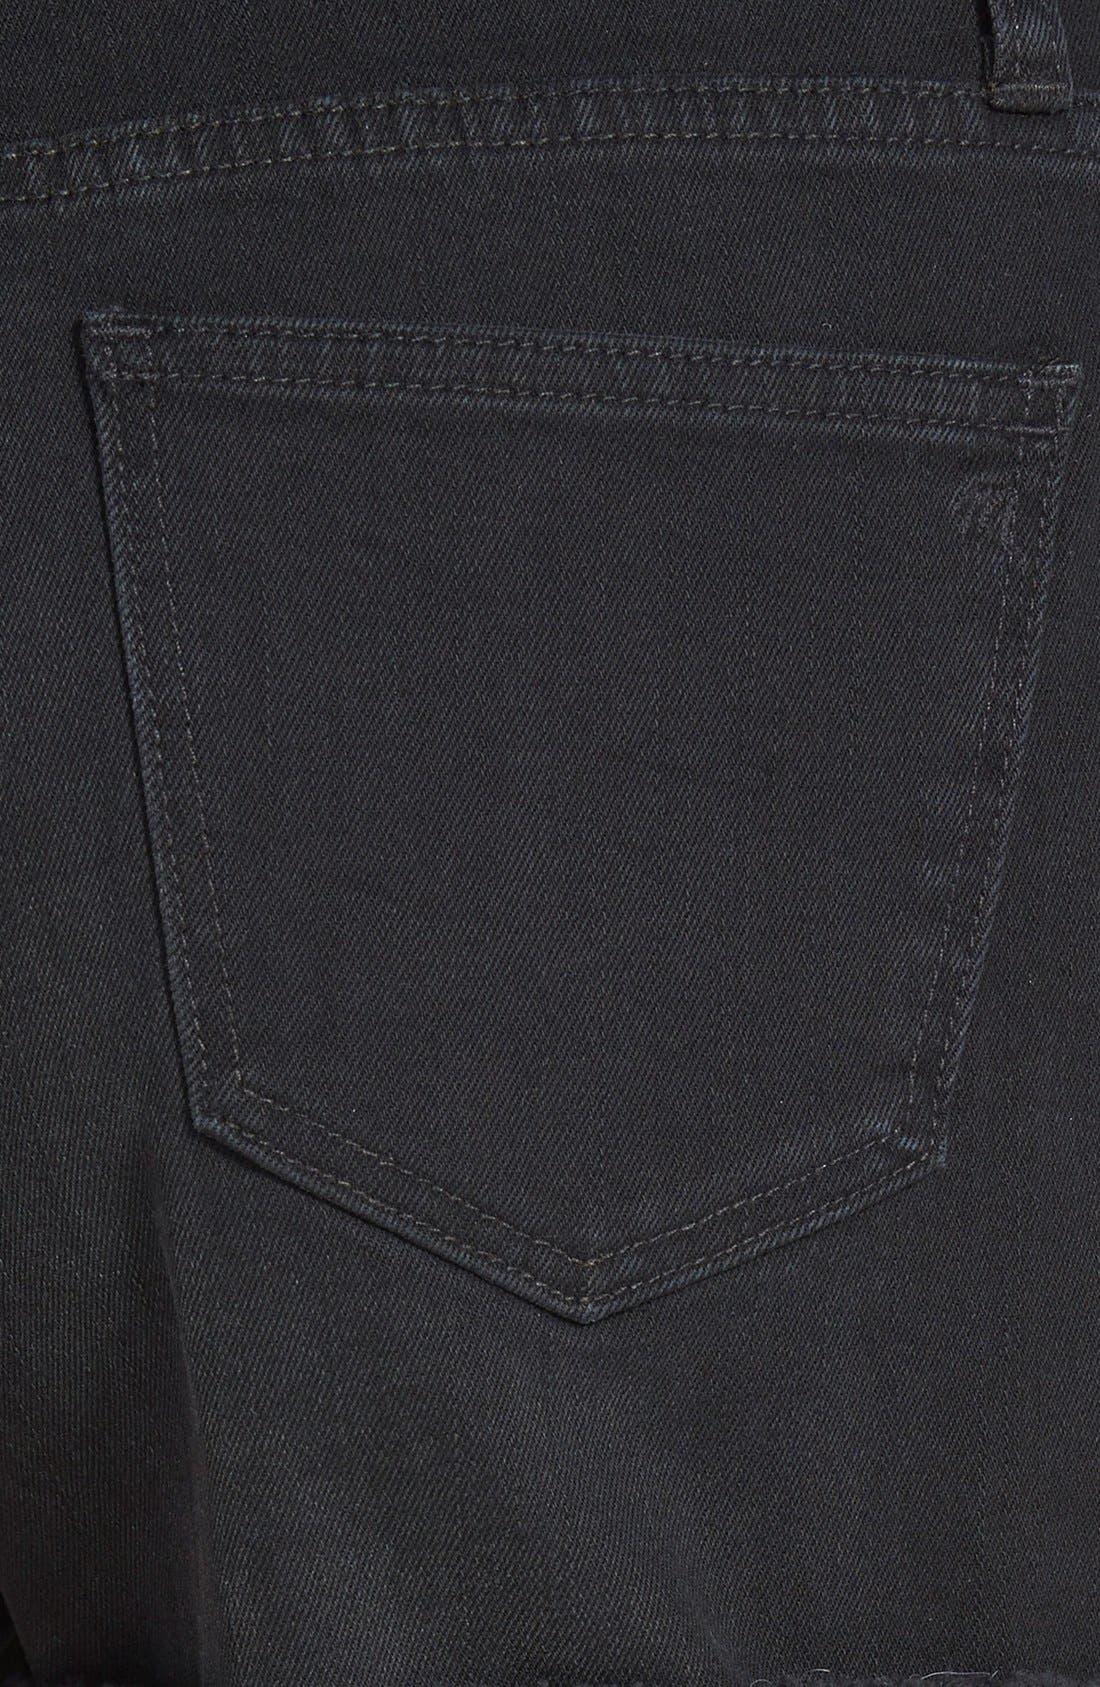 Alternate Image 3  - Madewell High Rise Denim Shorts (Washed Black)